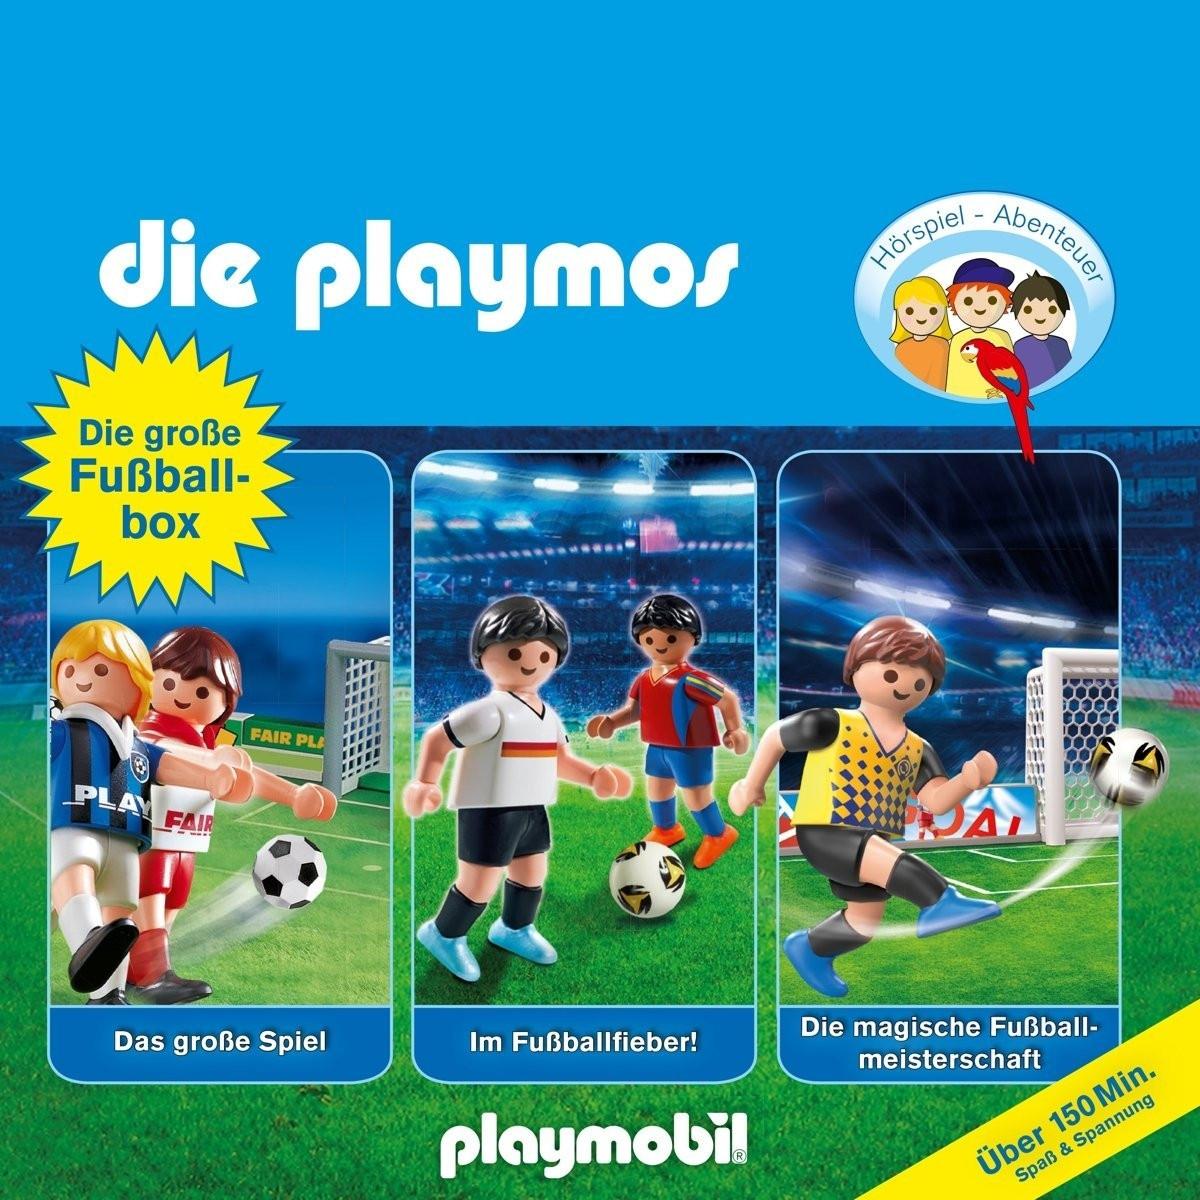 Die Playmos - Die Große Fußball-Box